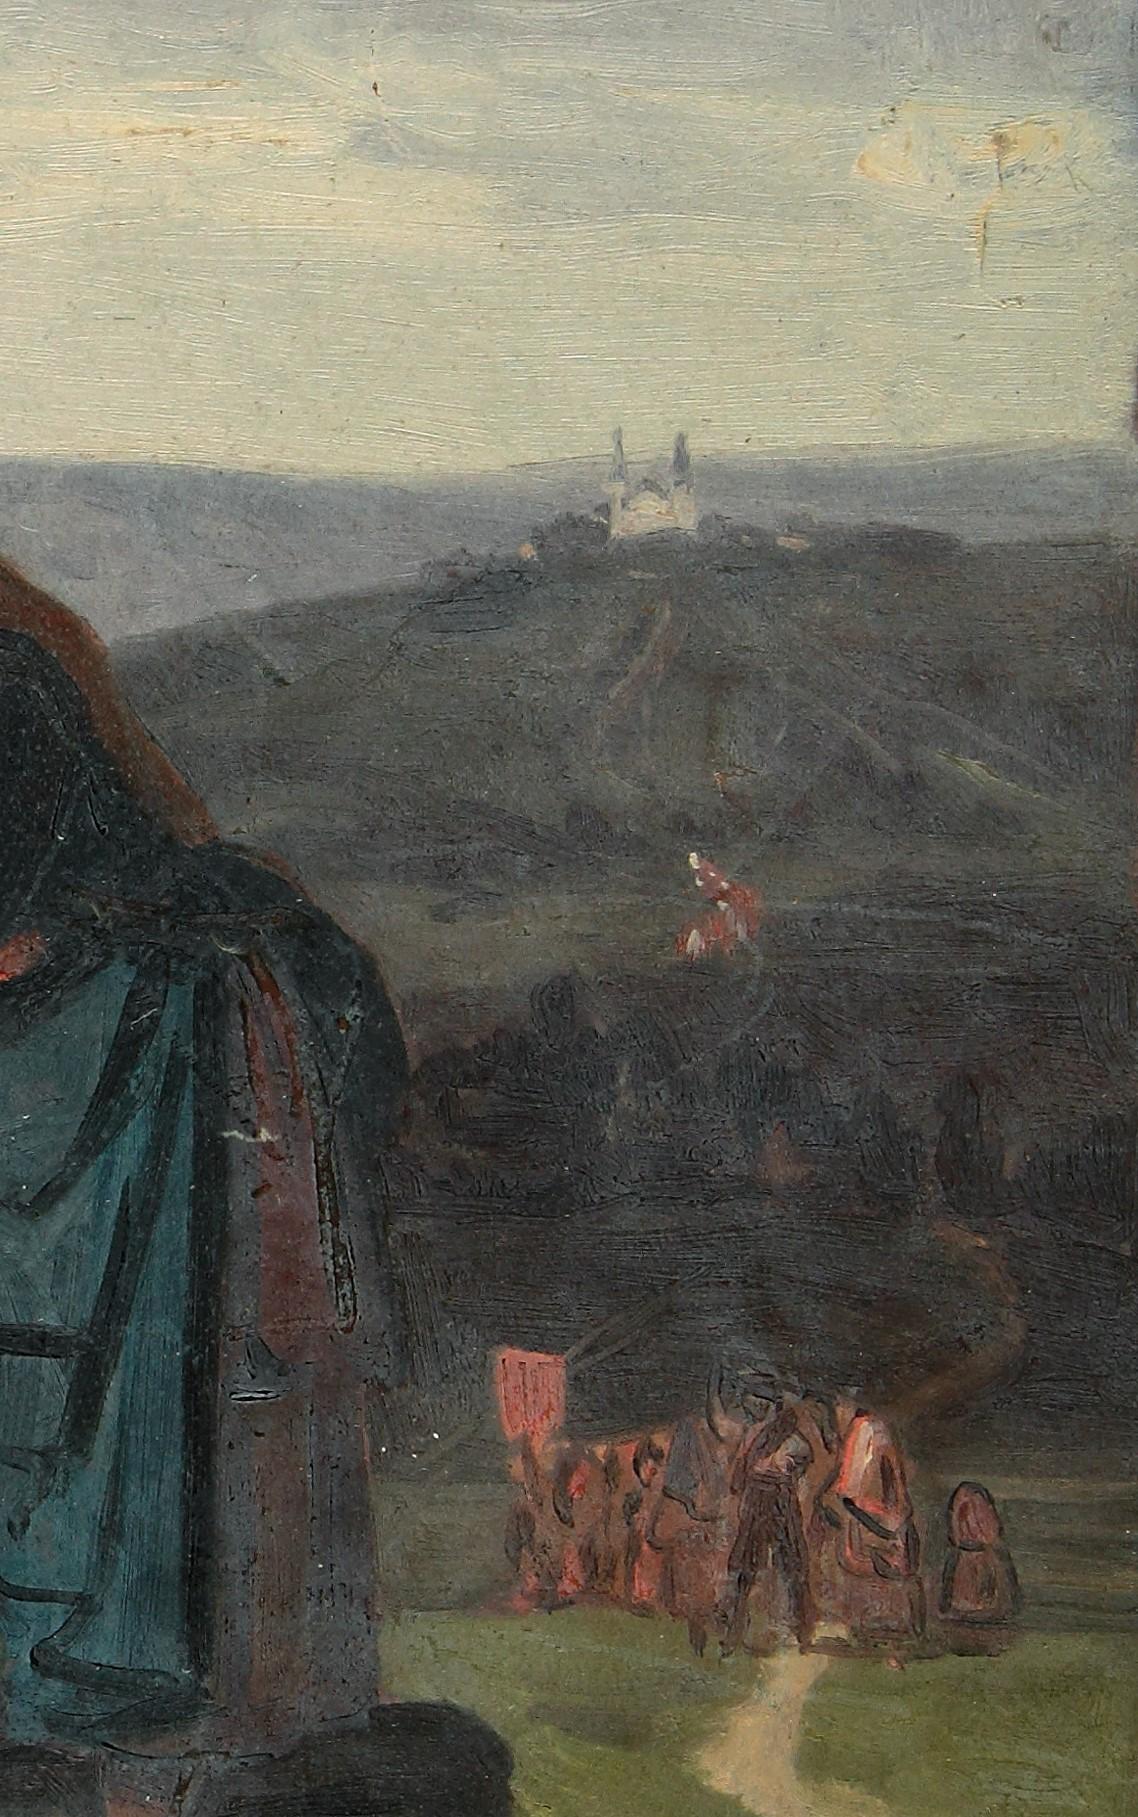 Ludwig Most, Widok krajobrazu z kościołem, fragment studium do obrazu Bawarscy chłopi podczas pielgrzymki do Maria-Culm, około 1843, olej na papierze, Muzeum Narodowe w Szczecinie